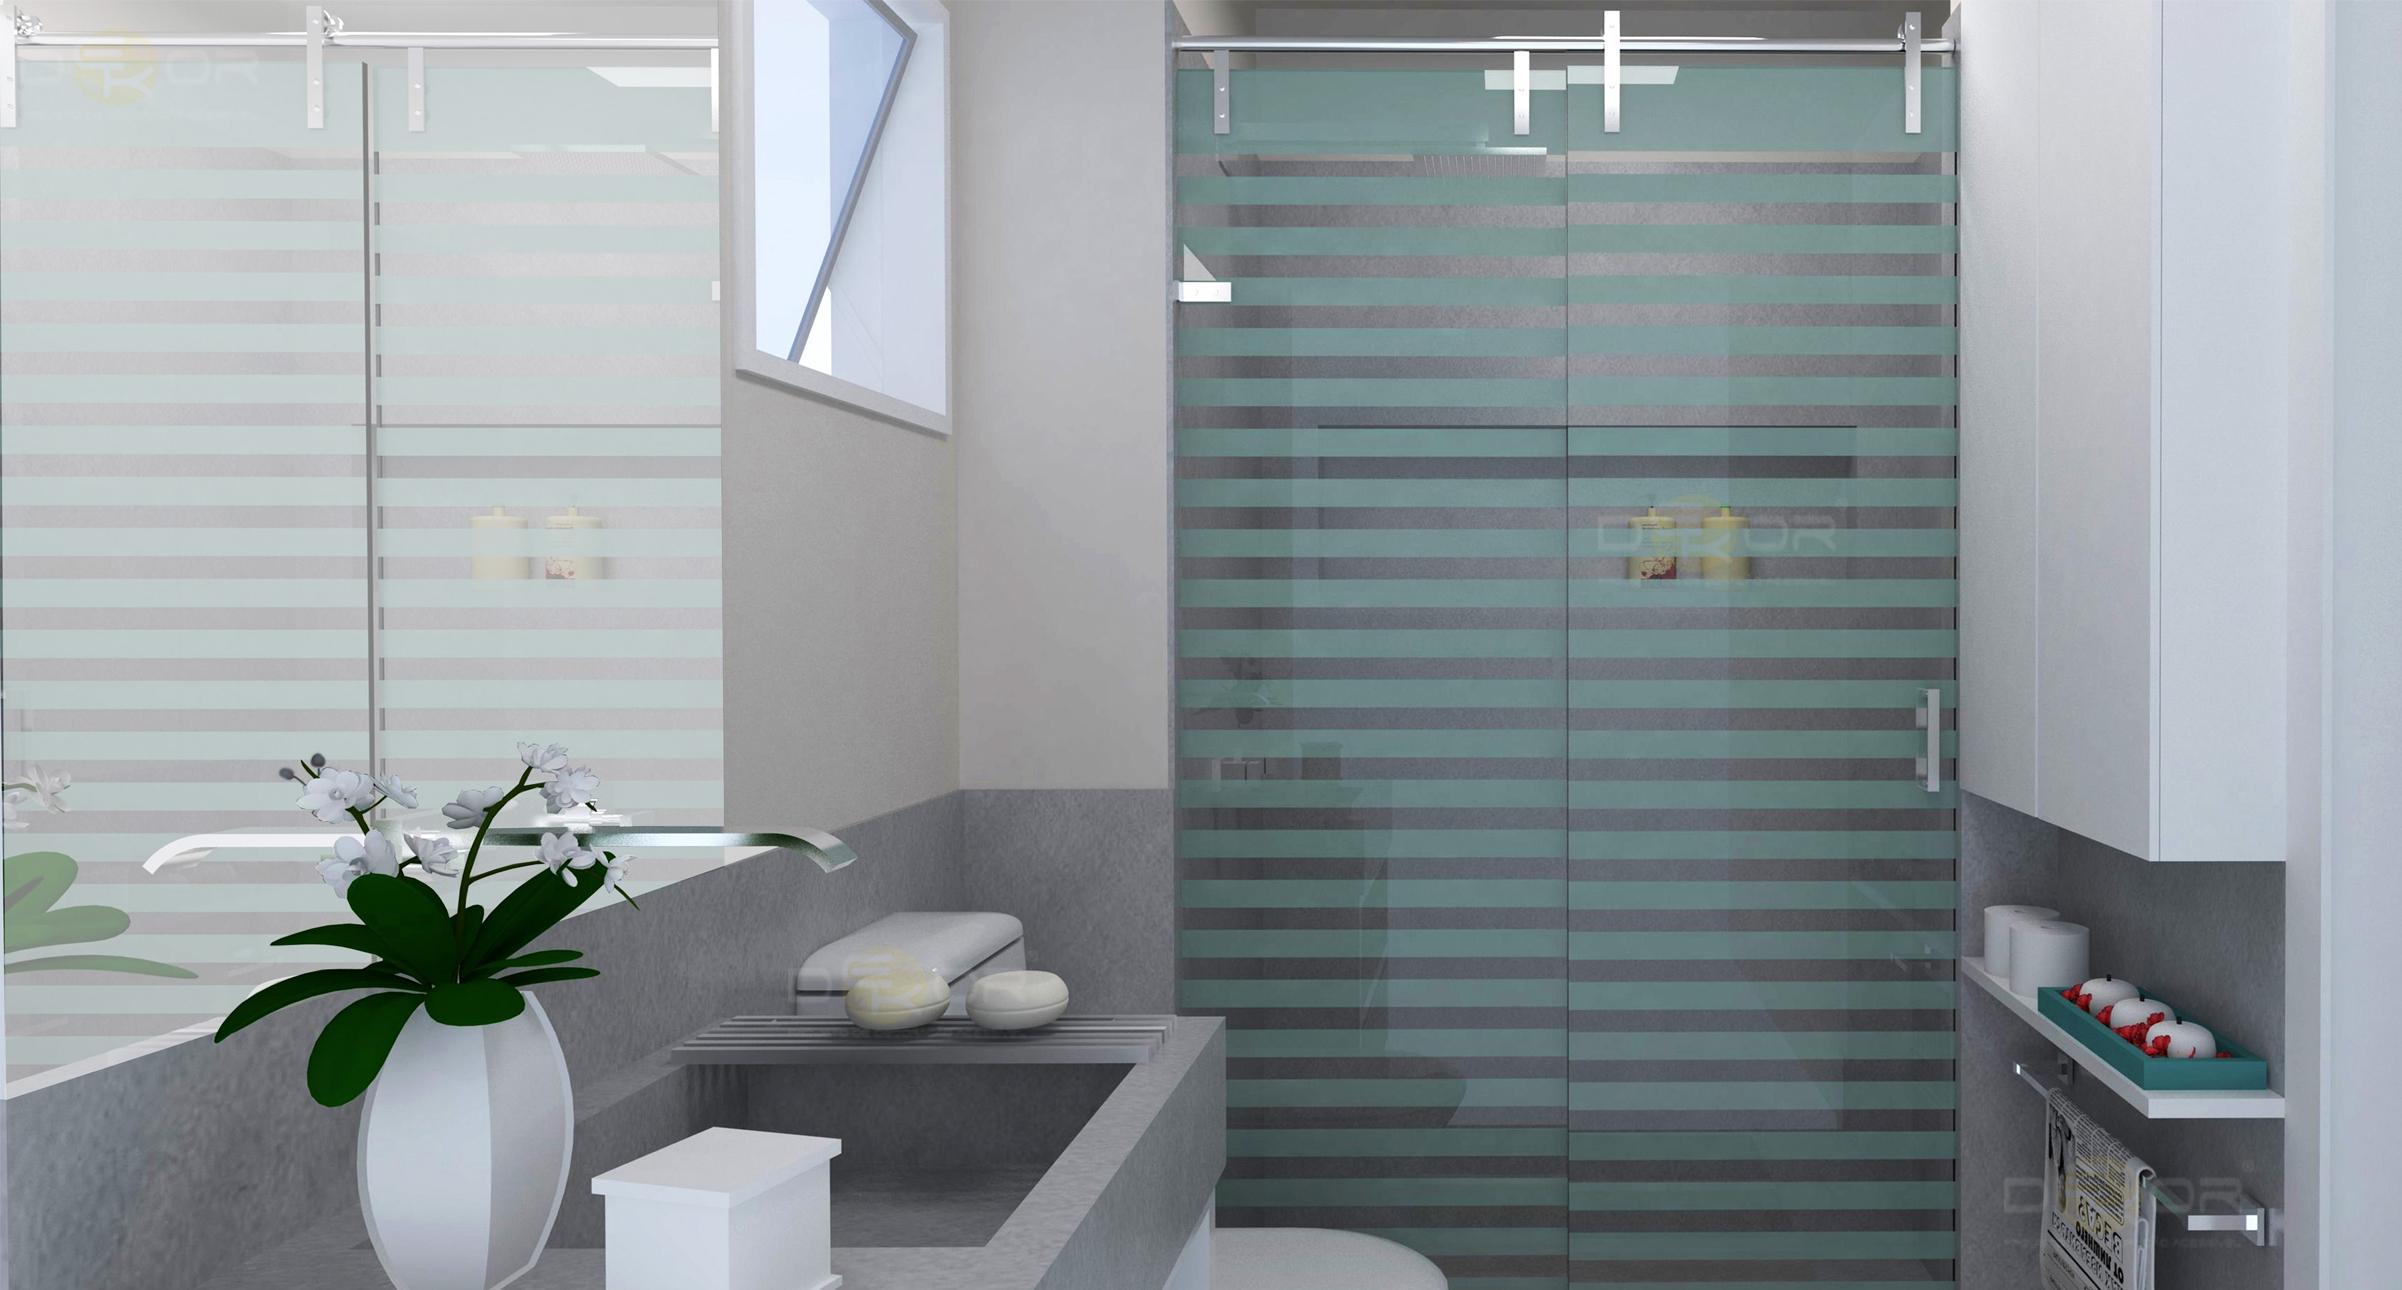 Projeto de Banheiro – Decoração Online #3 Erika Karpuk #475A4E 2402 1290